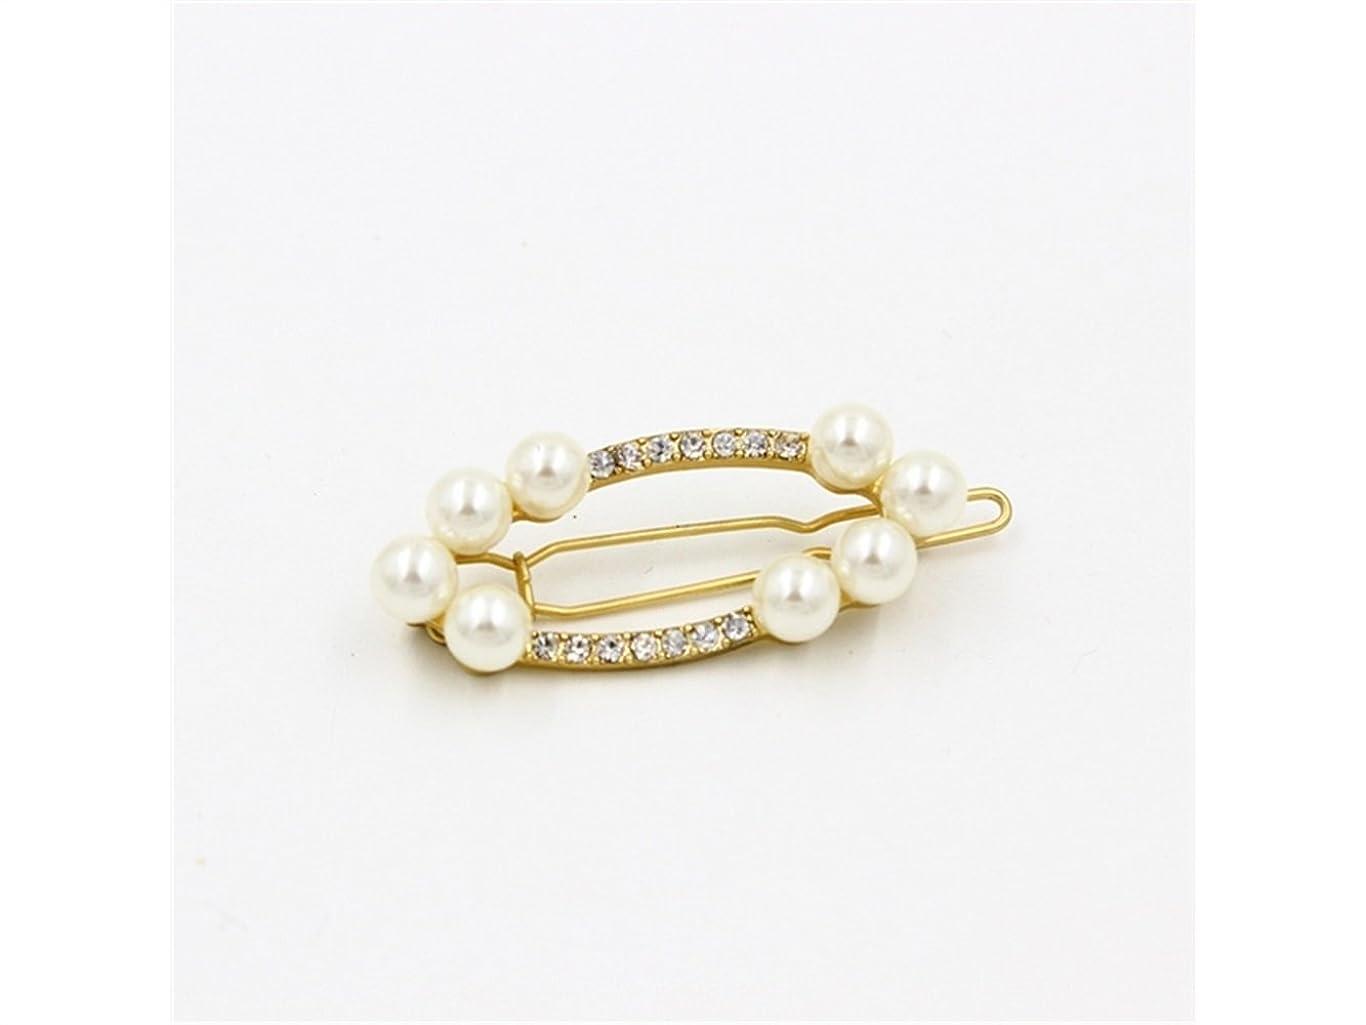 量巧みな司書Osize 美しいスタイル 真珠の宝石魅惑的なゴールドヘアクリップサイドクリップヘアピンヘアアクセサリー(示されているように)